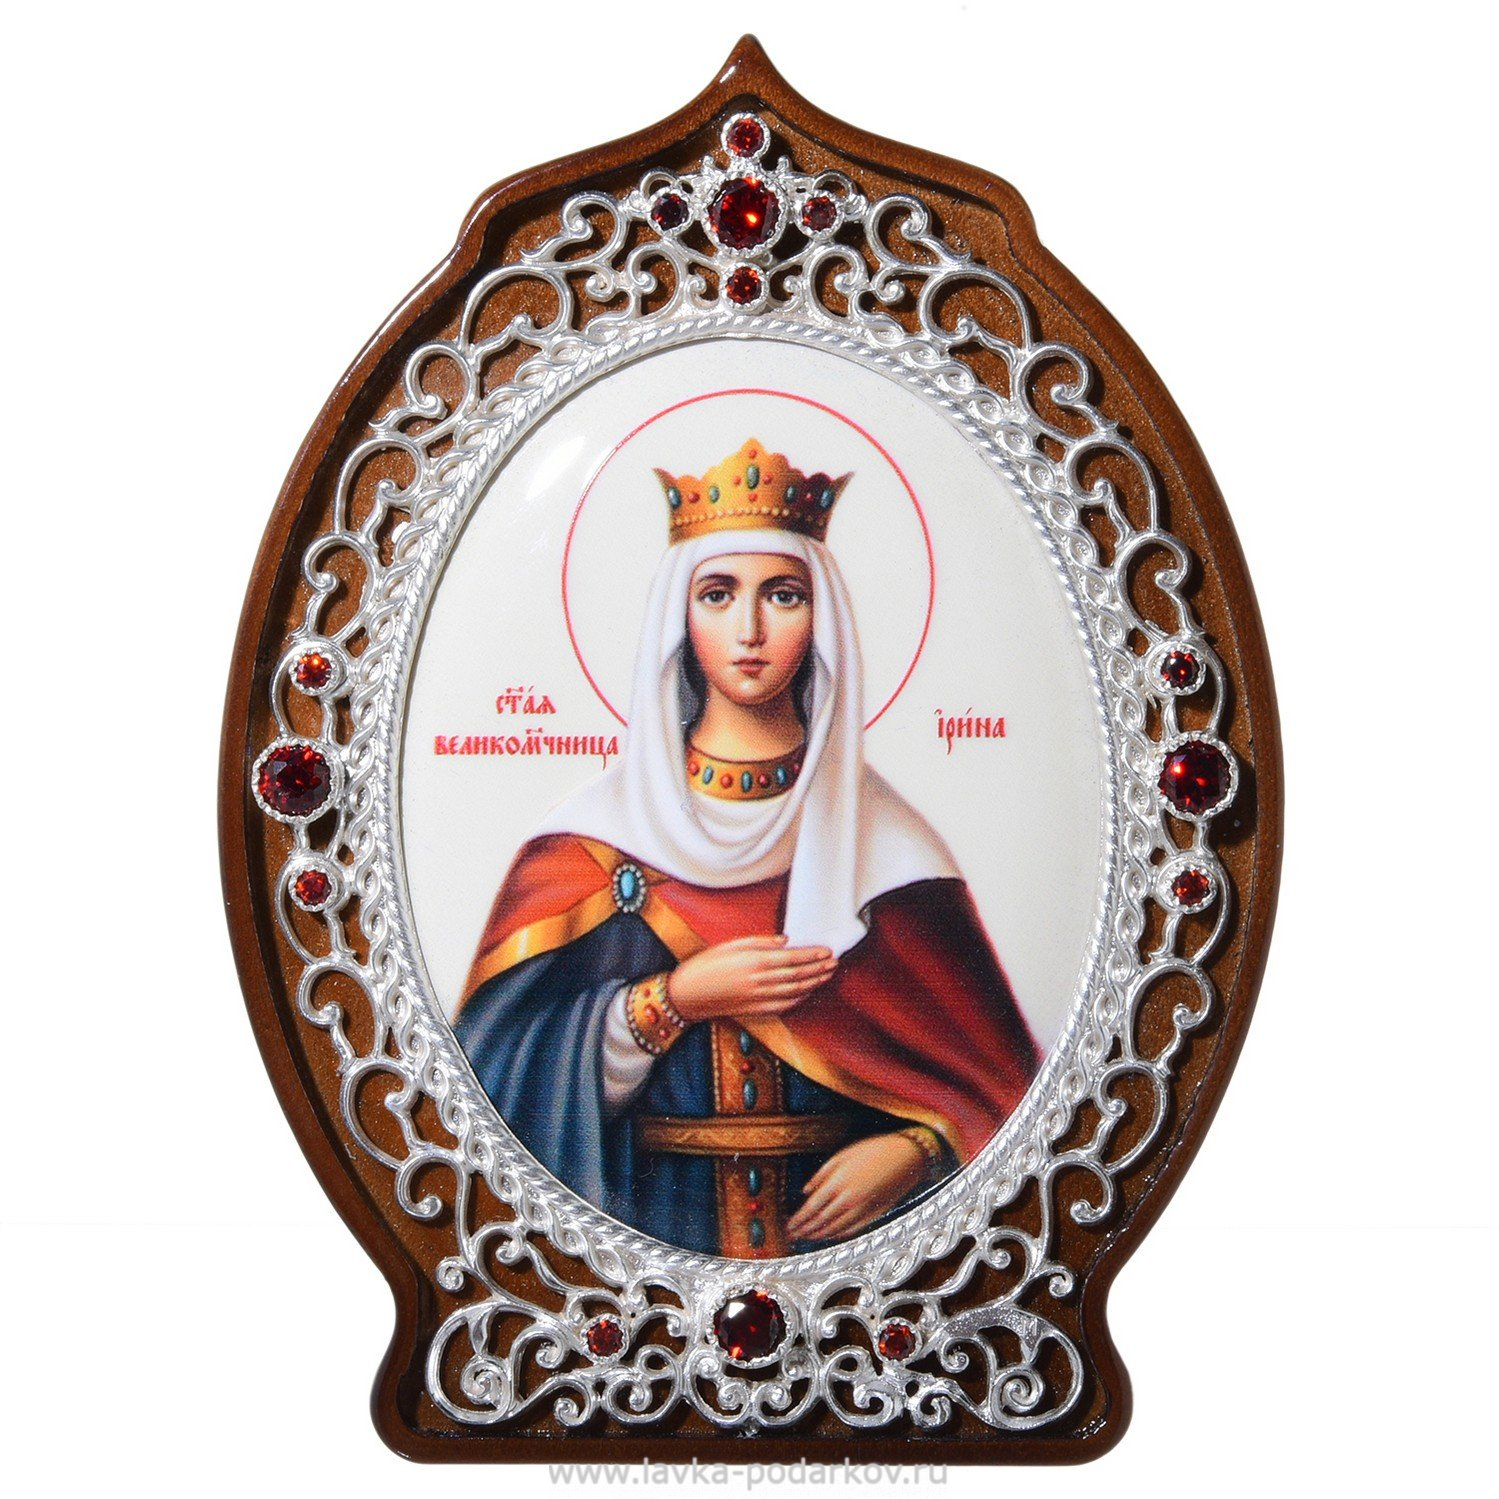 икона святой ирины фото будет счастье